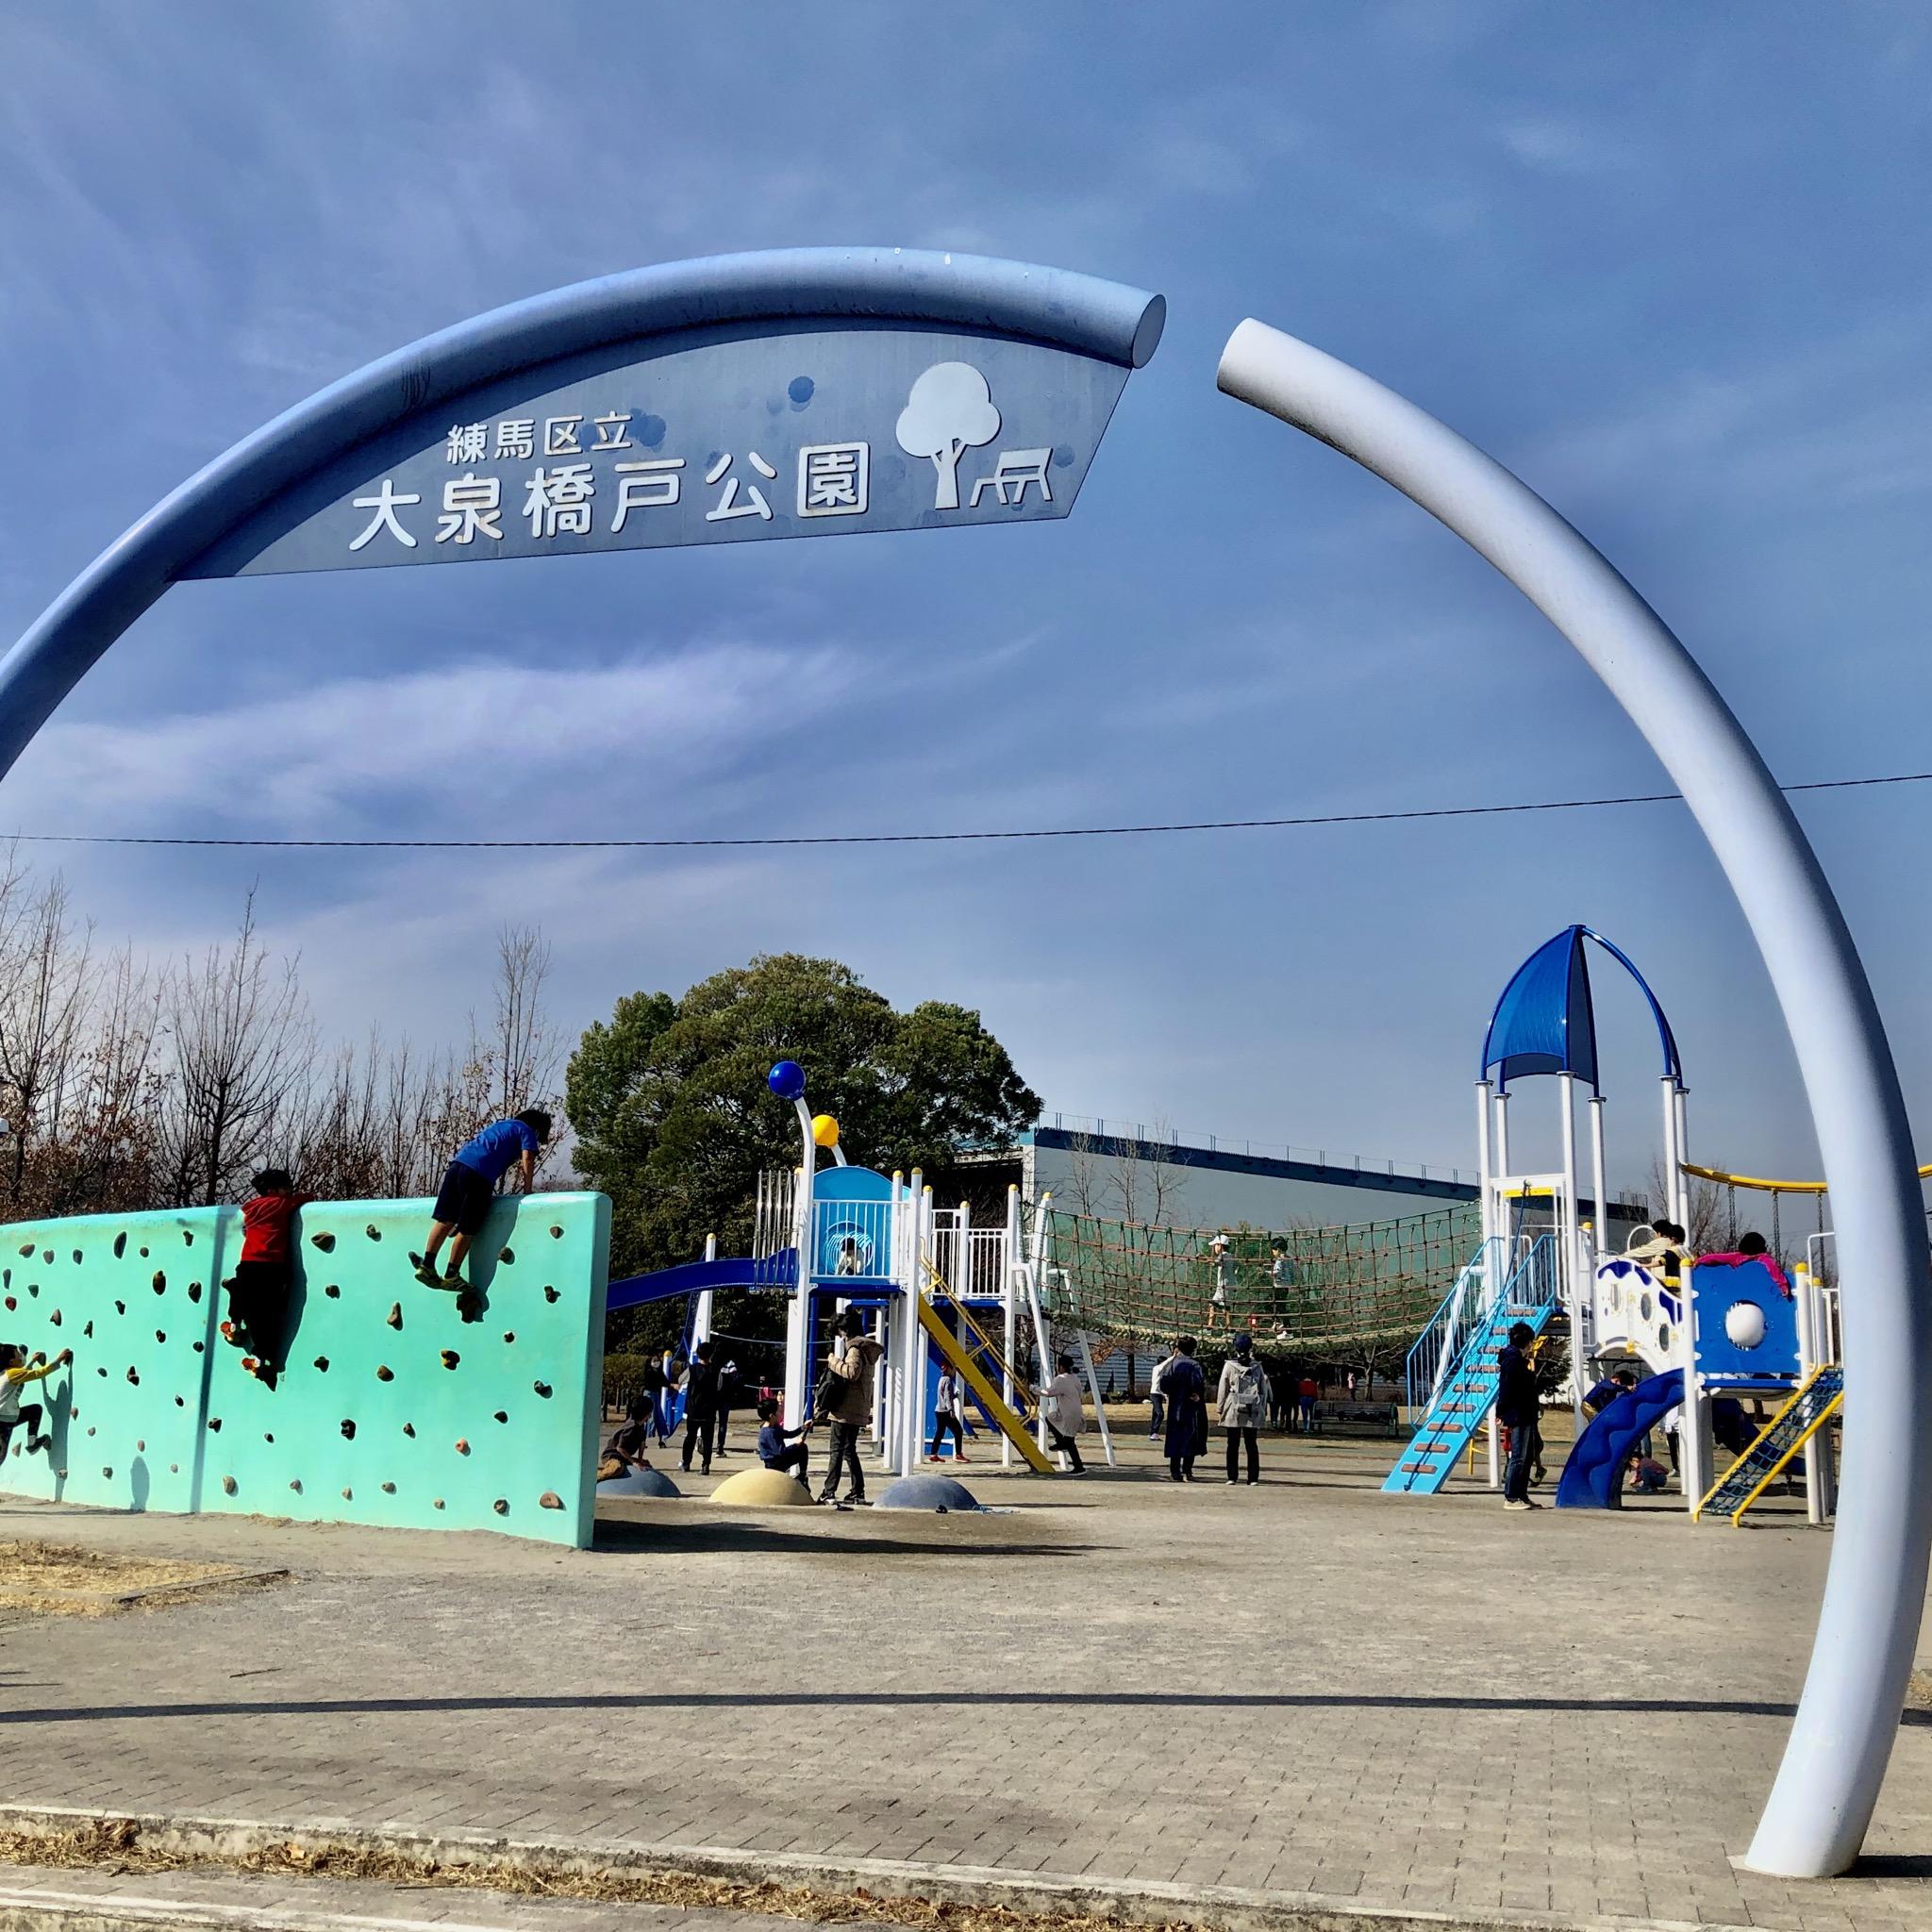 大泉橋戸公園